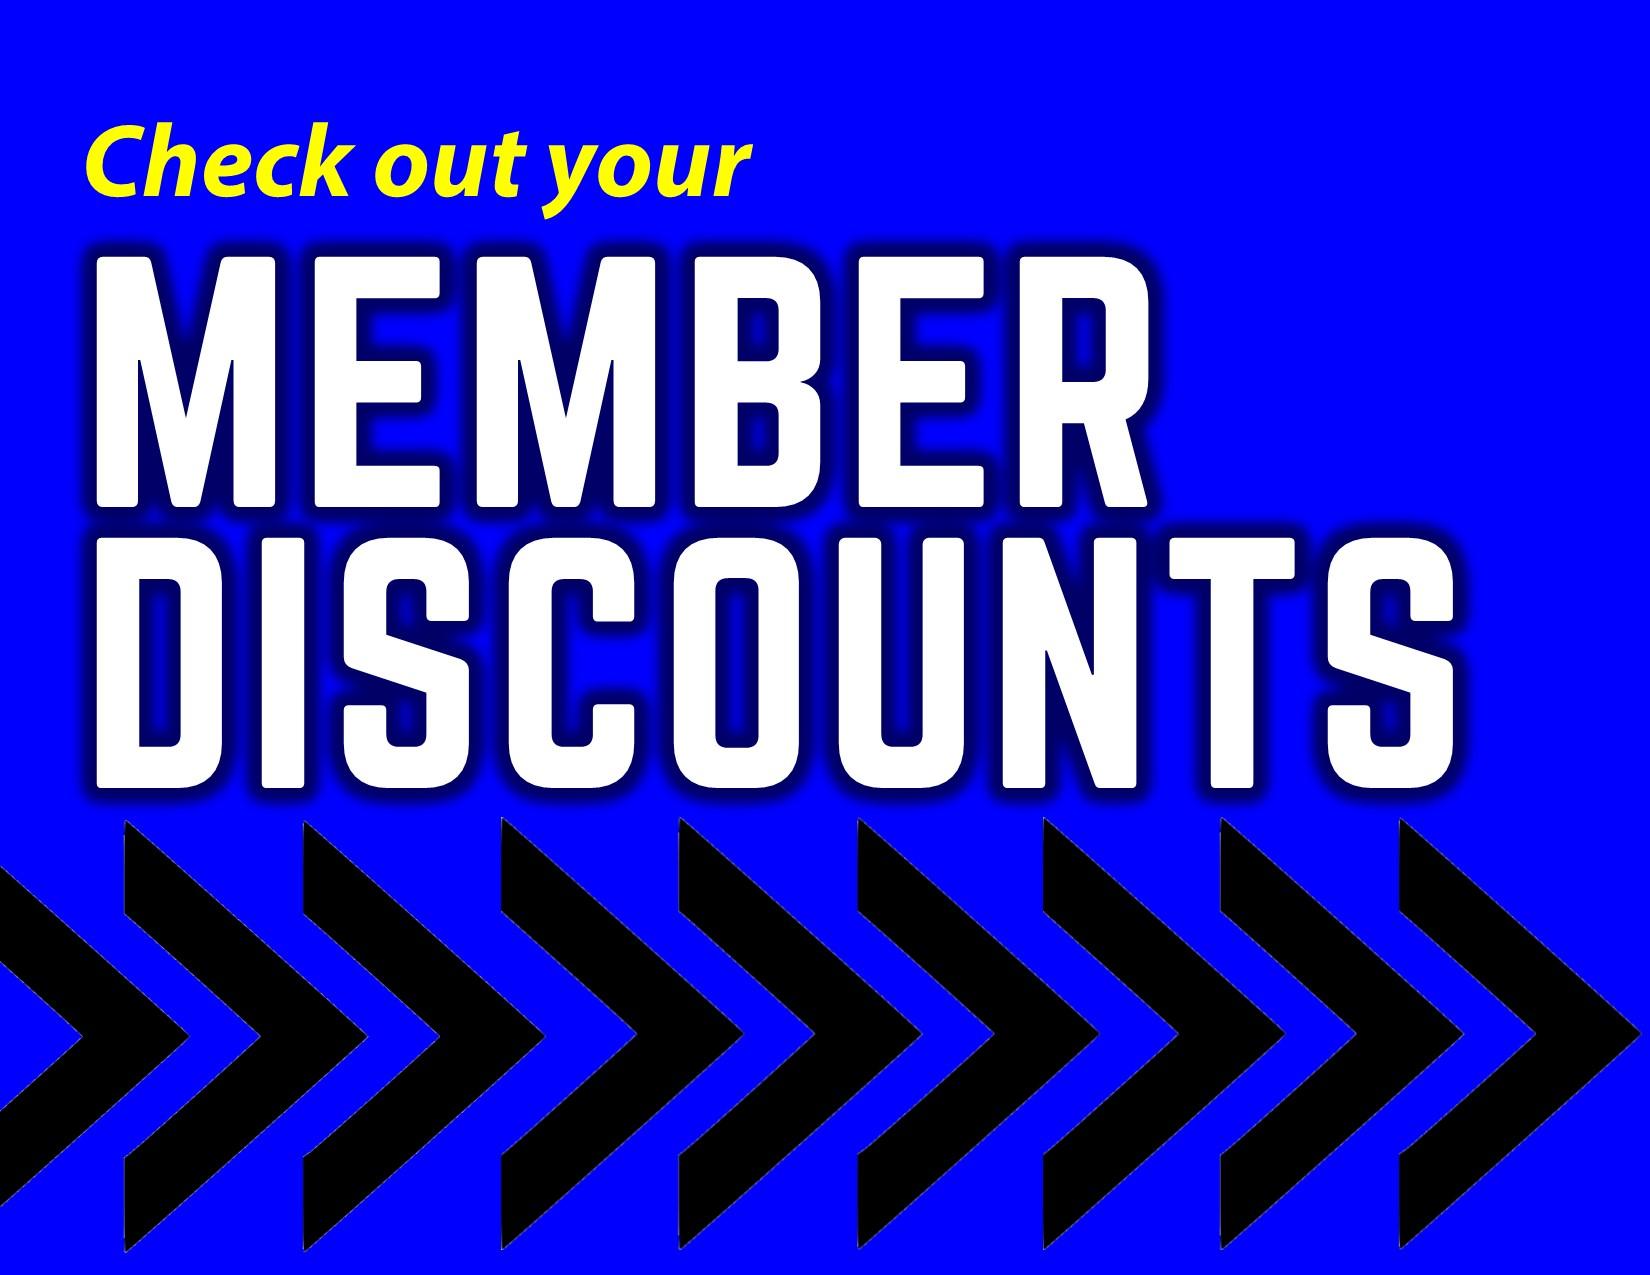 Member-Discount-Graphic.jpg